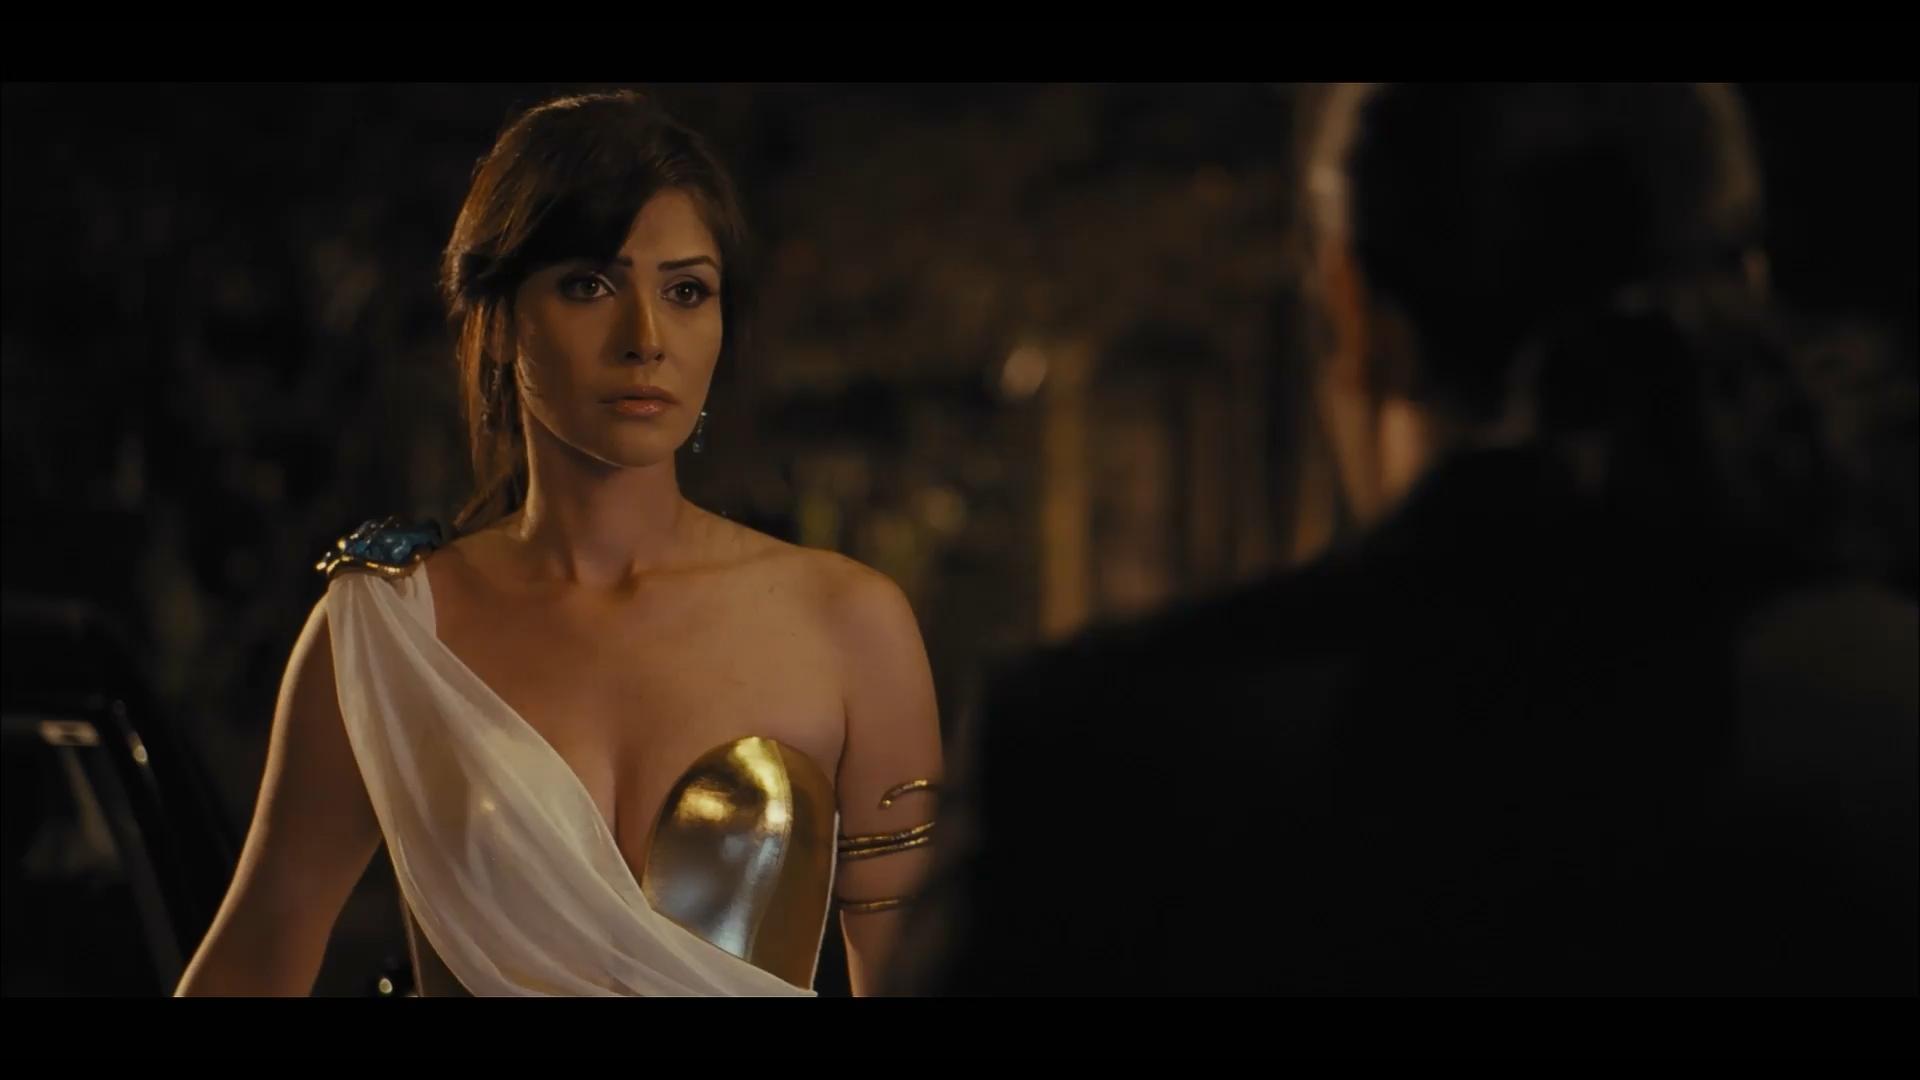 [فيلم][تورنت][تحميل][واحد صحيح][2011][1080p][Web-DL] 6 arabp2p.com